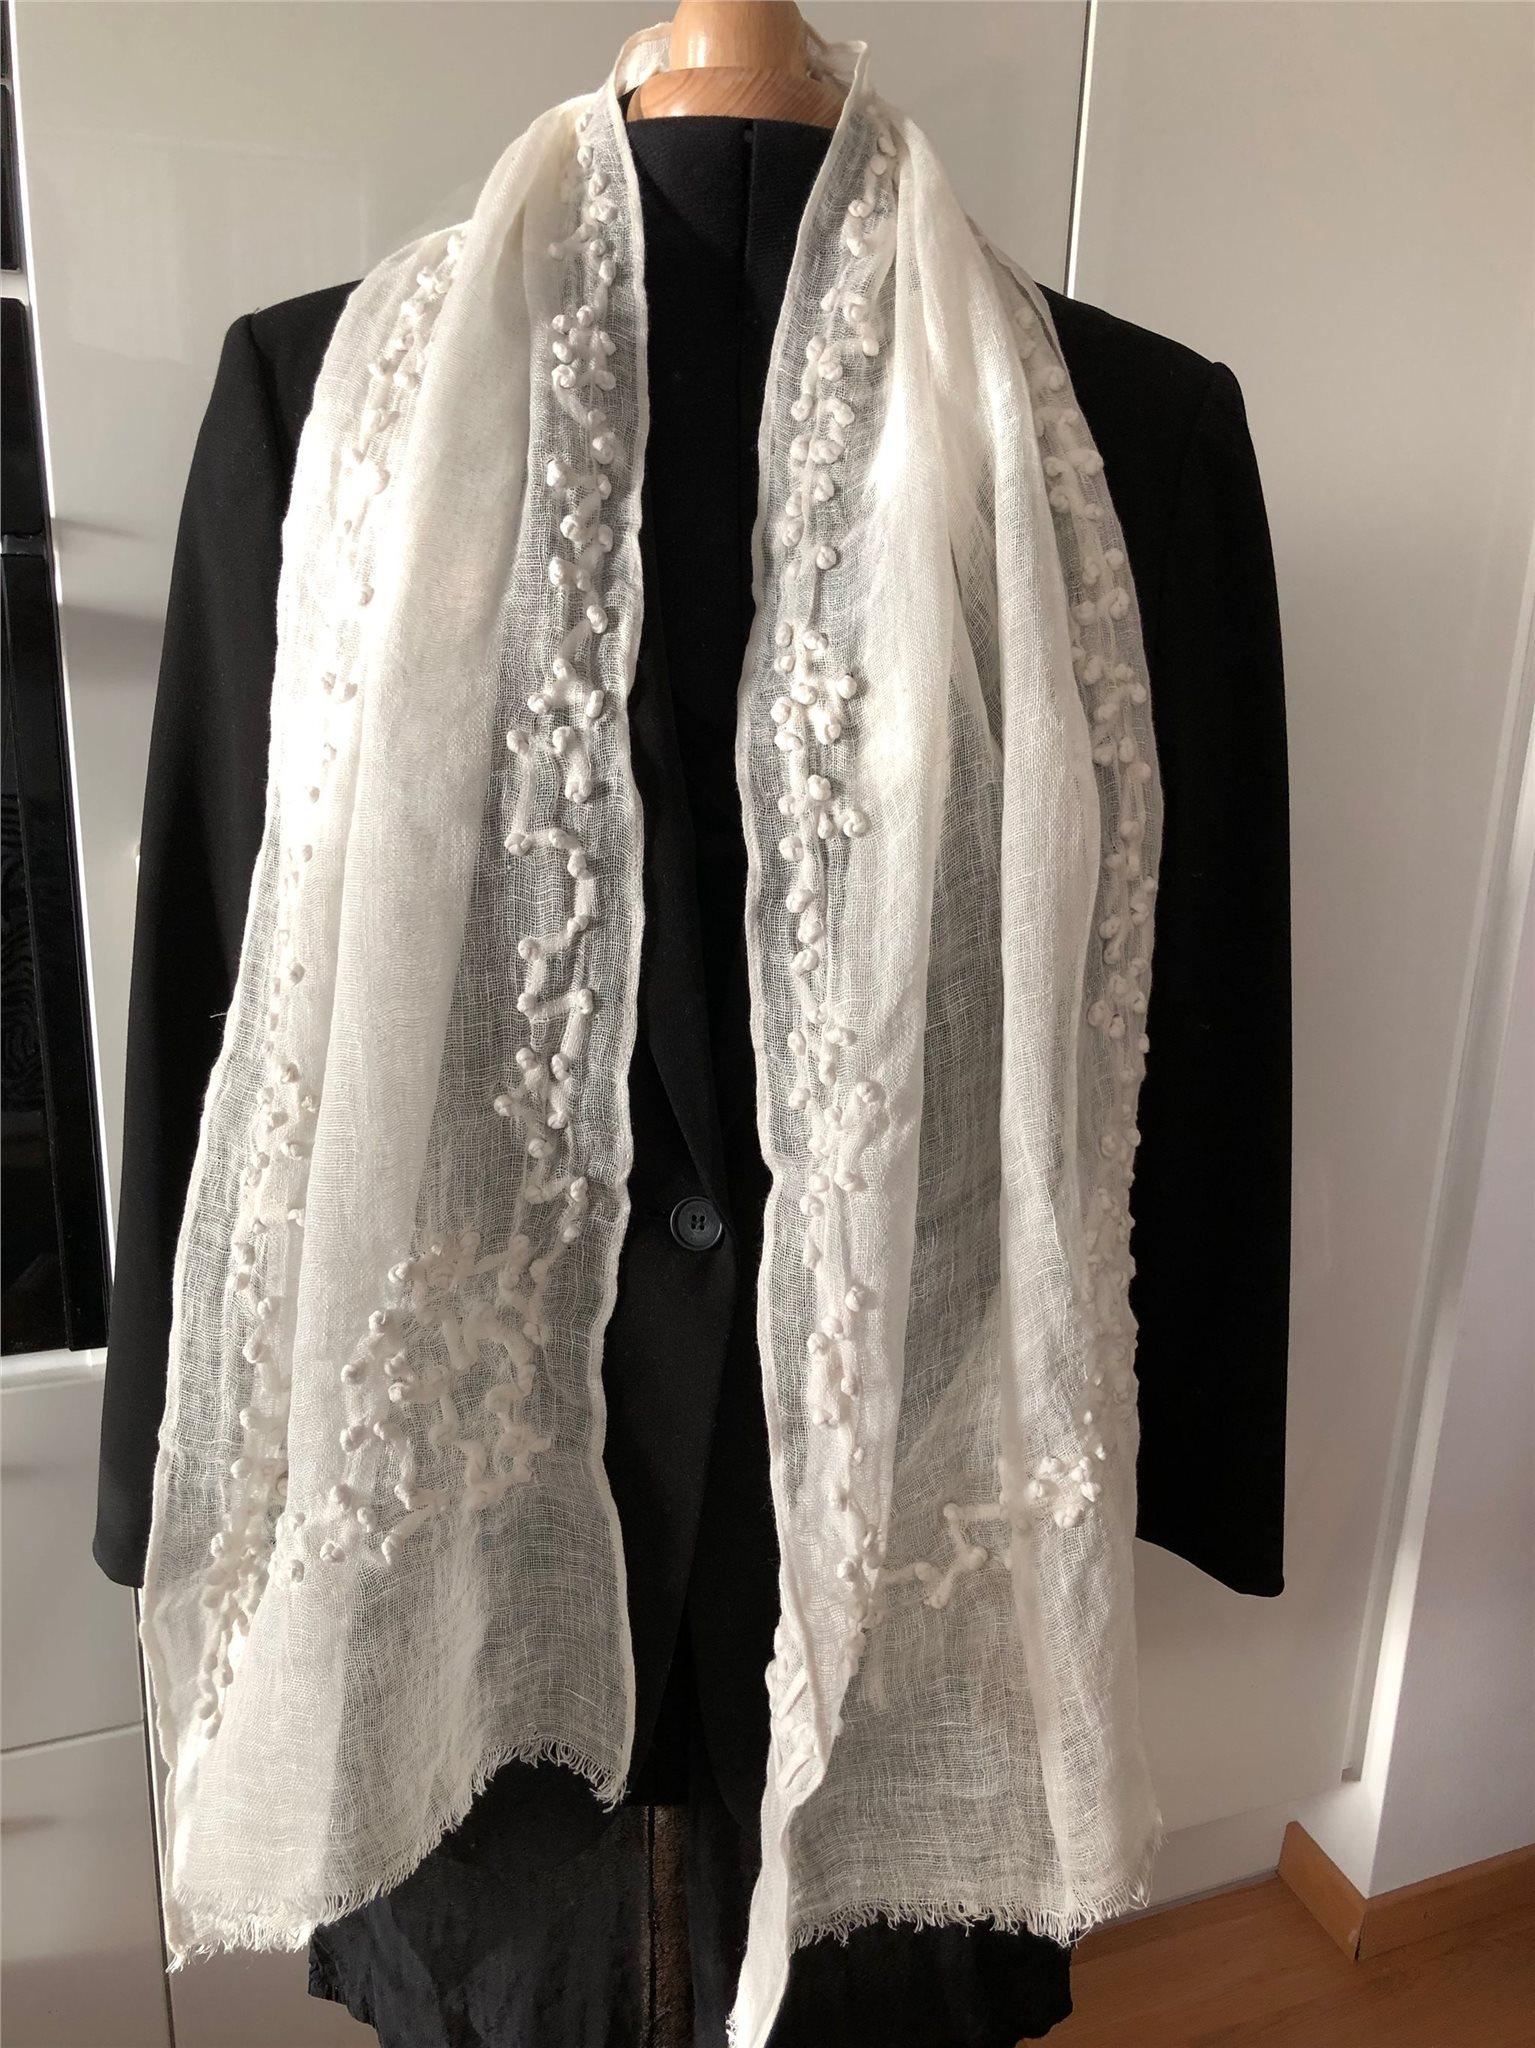 Vit lång sjal med vackert mönster d1fffe81eca38